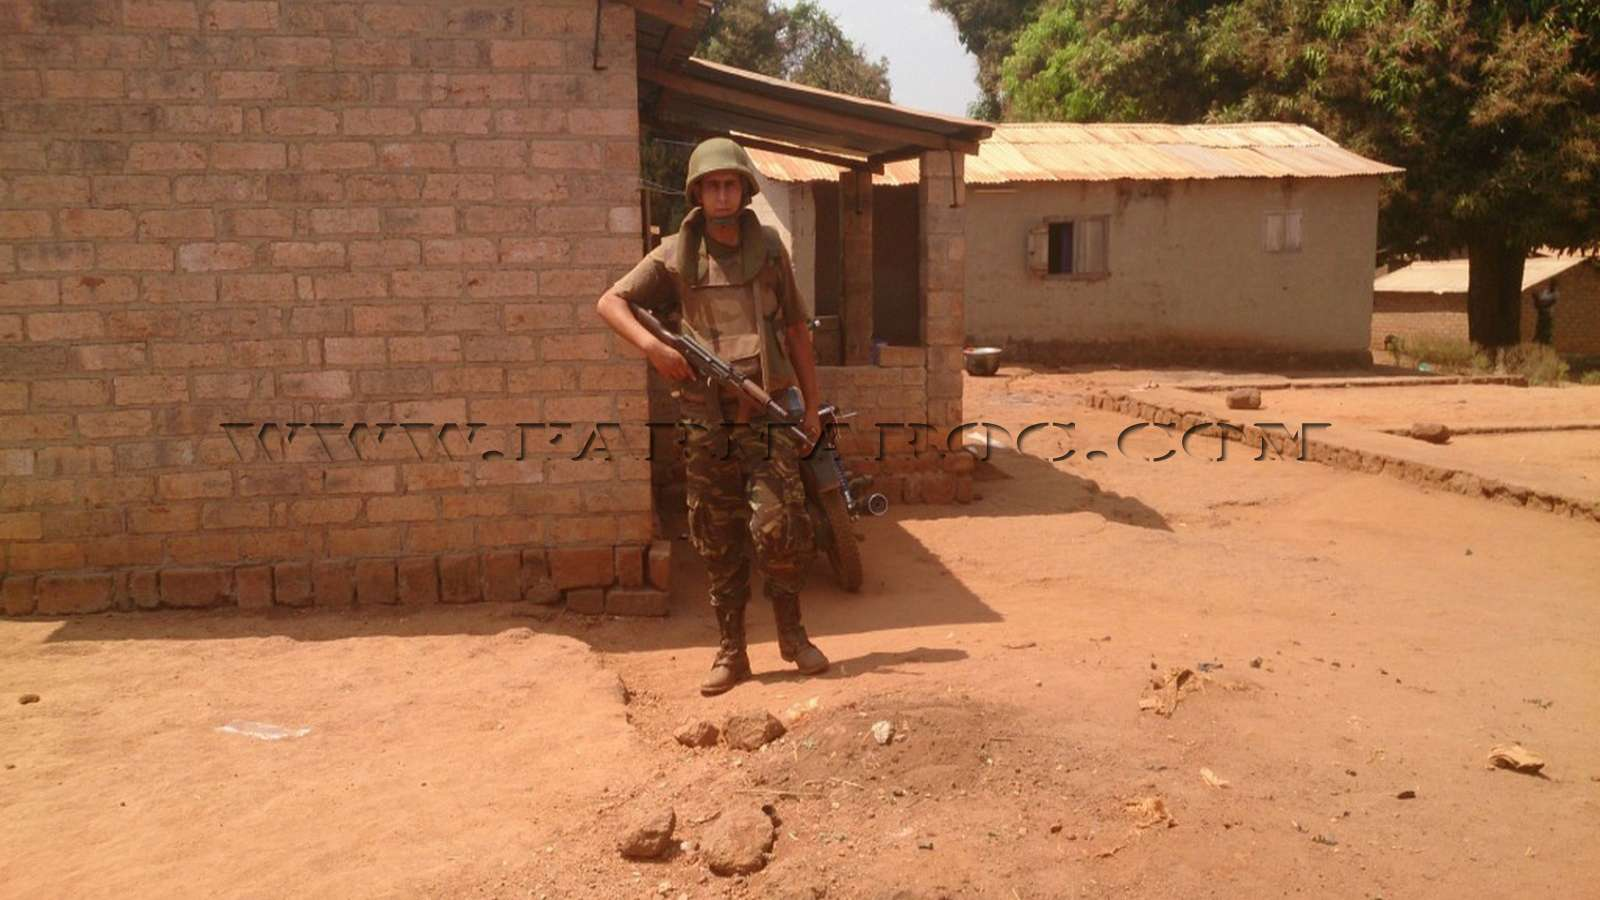 Maintien de la paix dans le monde - Les FAR en République Centrafricaine - RCA (MINUSCA) 07_00010